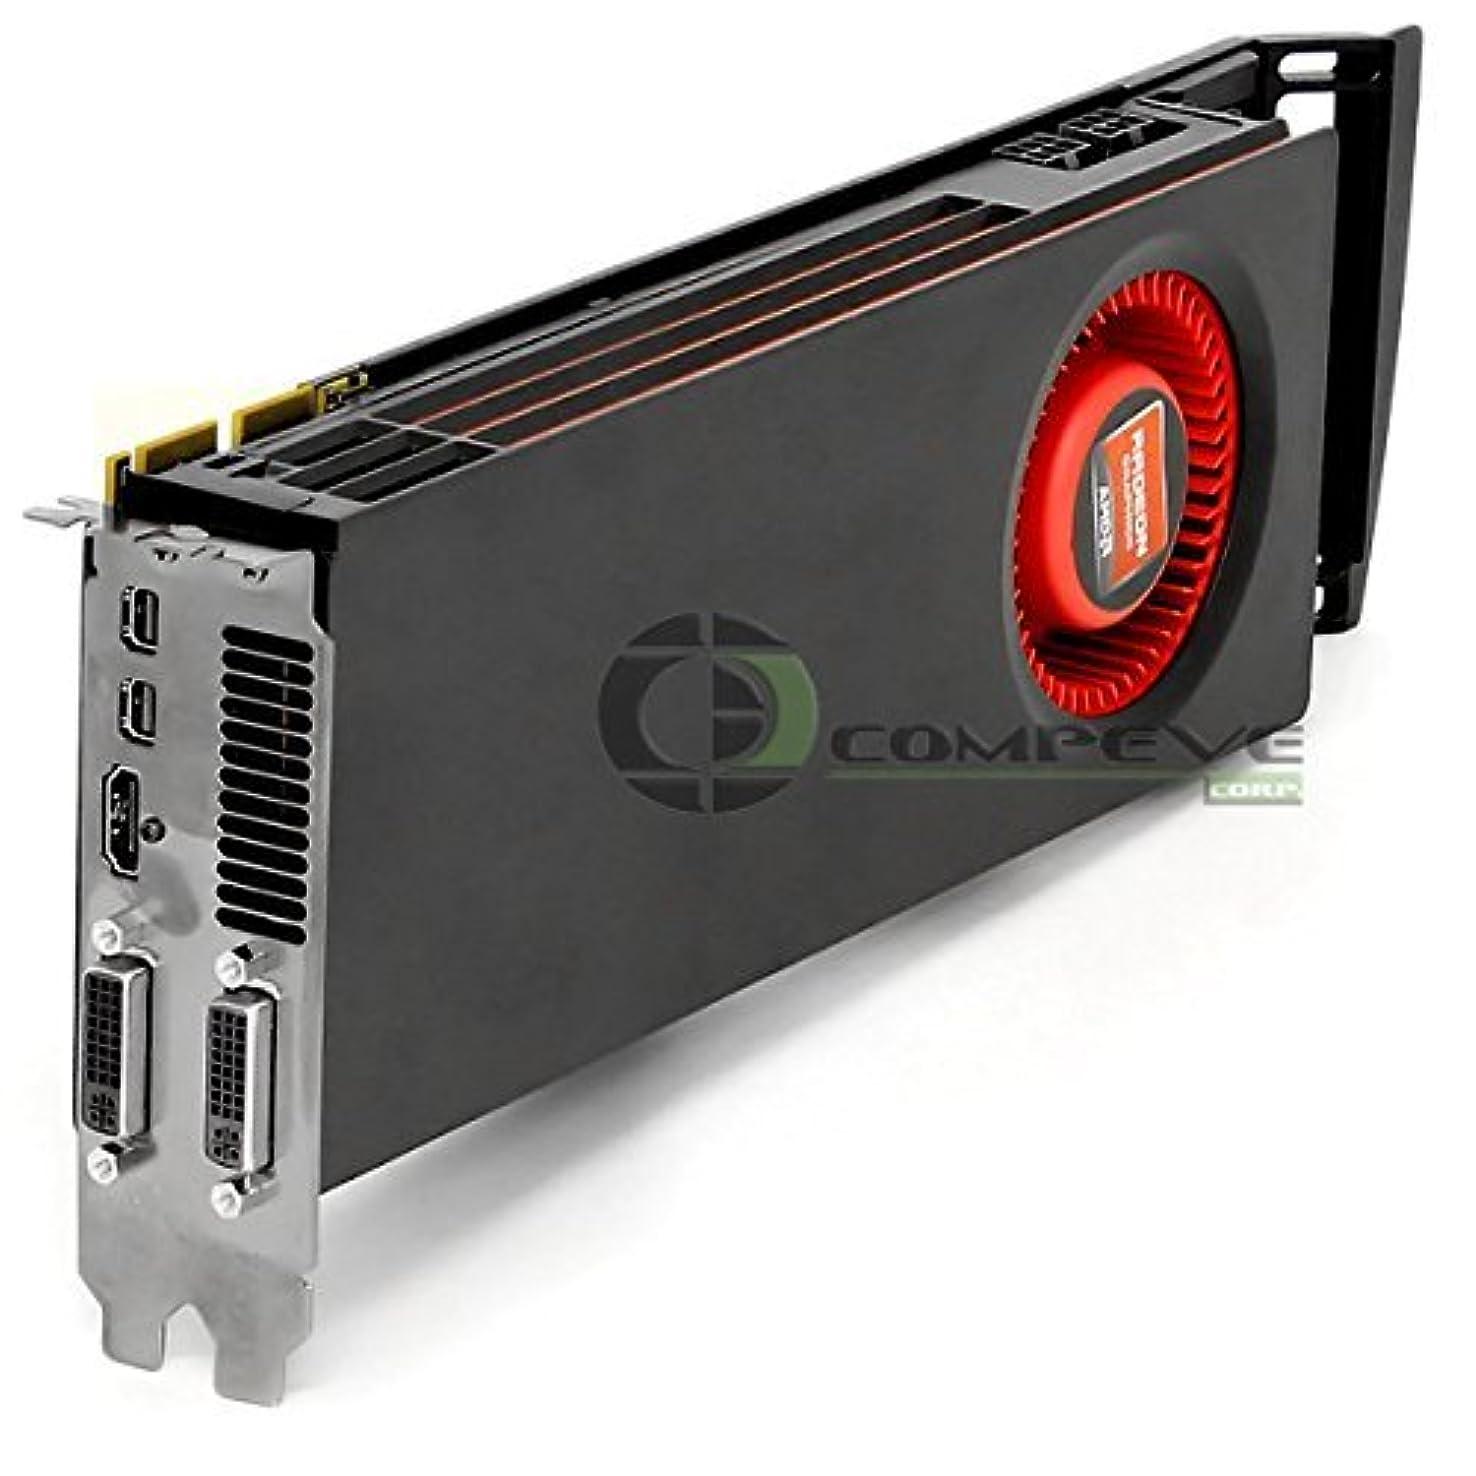 毒行商人ナプキンAMD Radeon HD 6950 2 GB gddr5 PCIe x16デュアルDP 1.2デュアルDVI HDMIグラフィックスカードデル1643 M